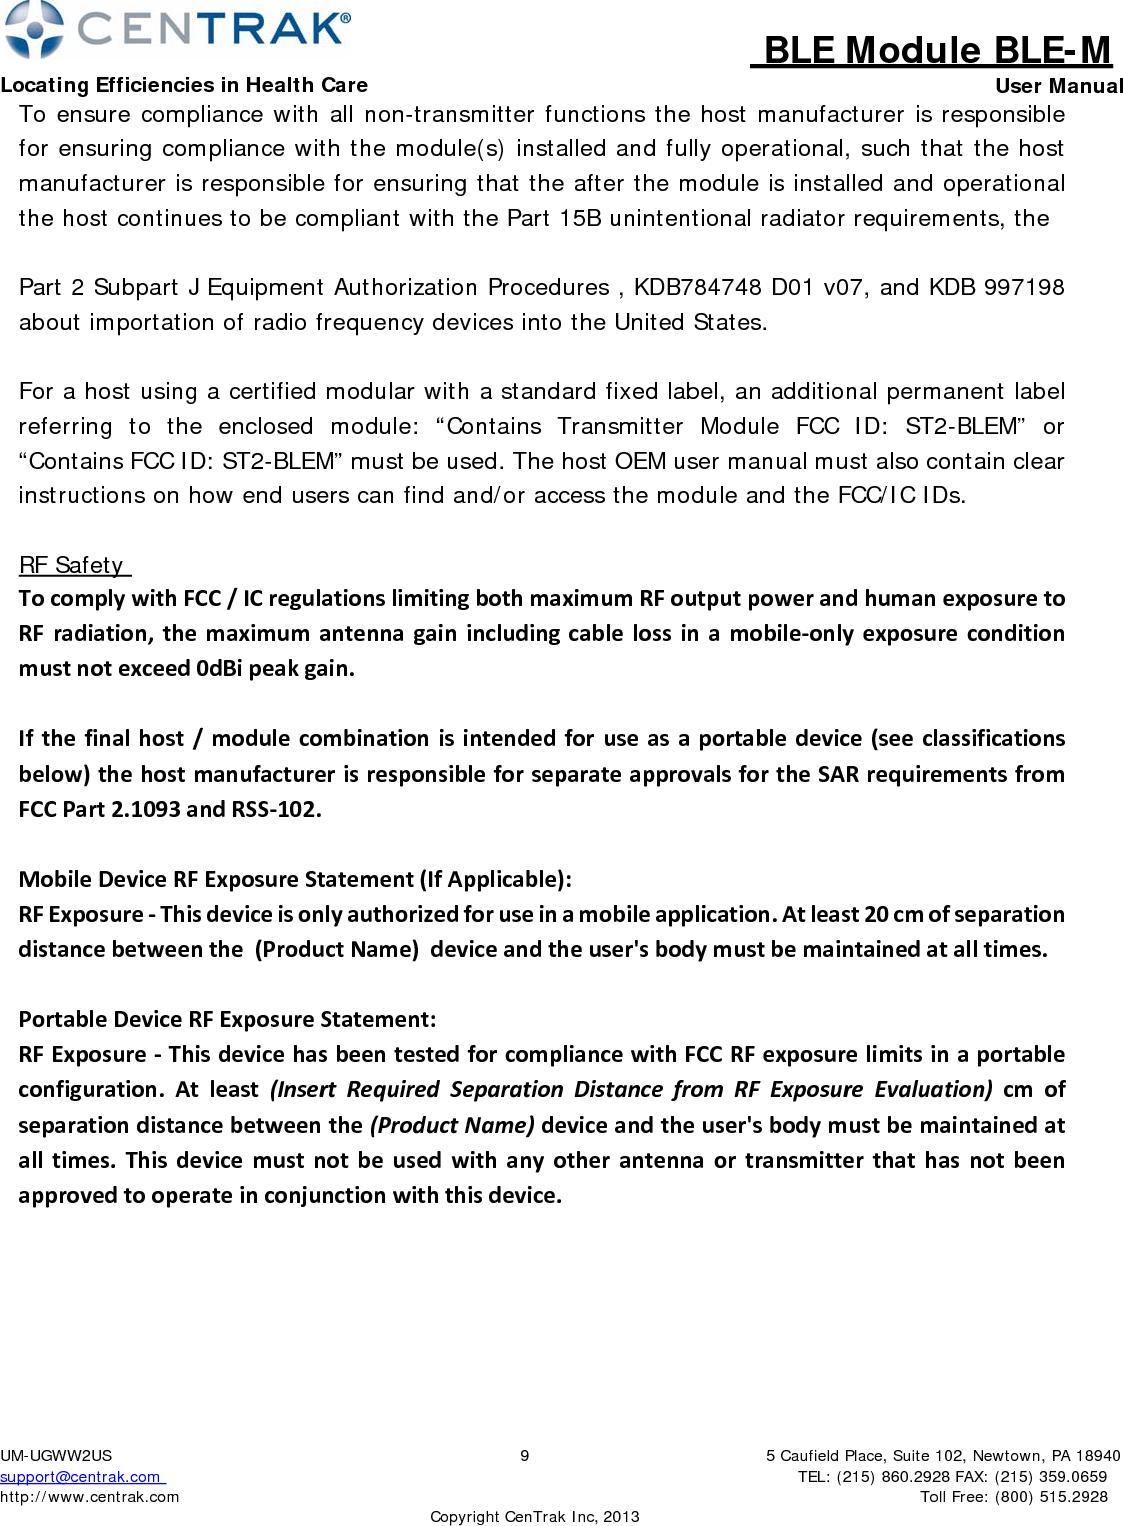 Centrak BLEM Centrak BLE Module BLE-M User Manual